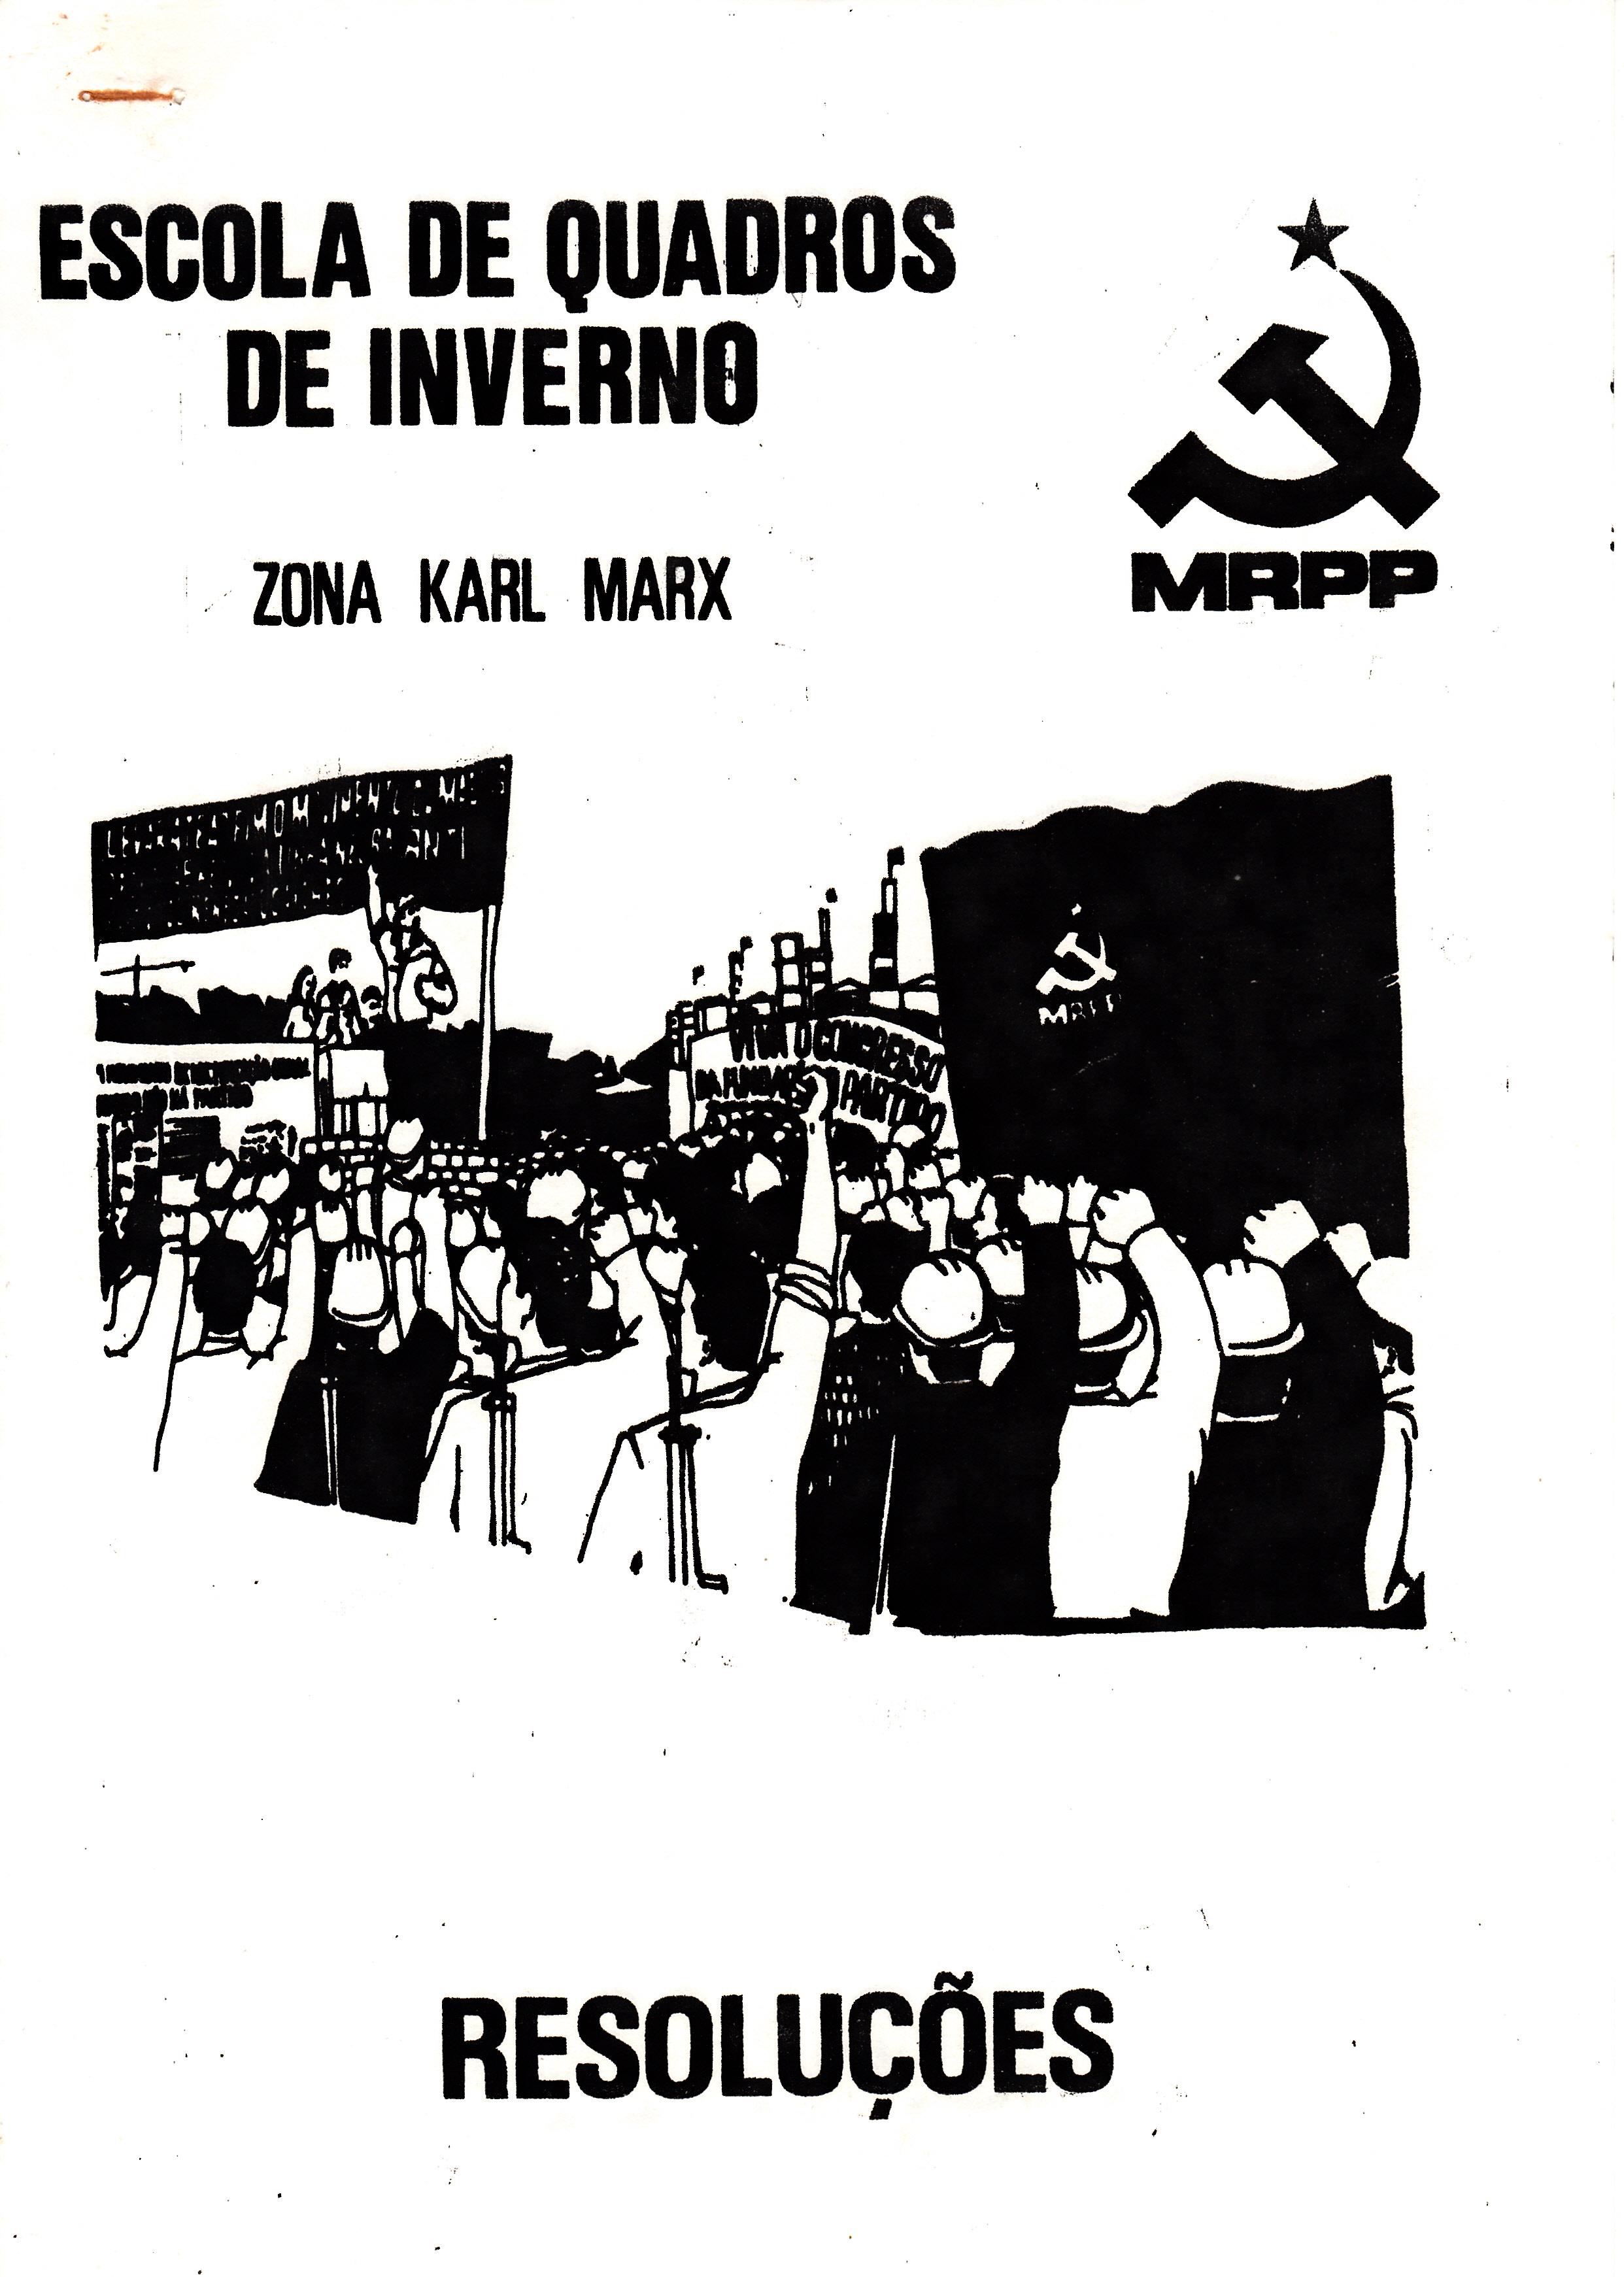 MRPP_1976_01_31_eqi